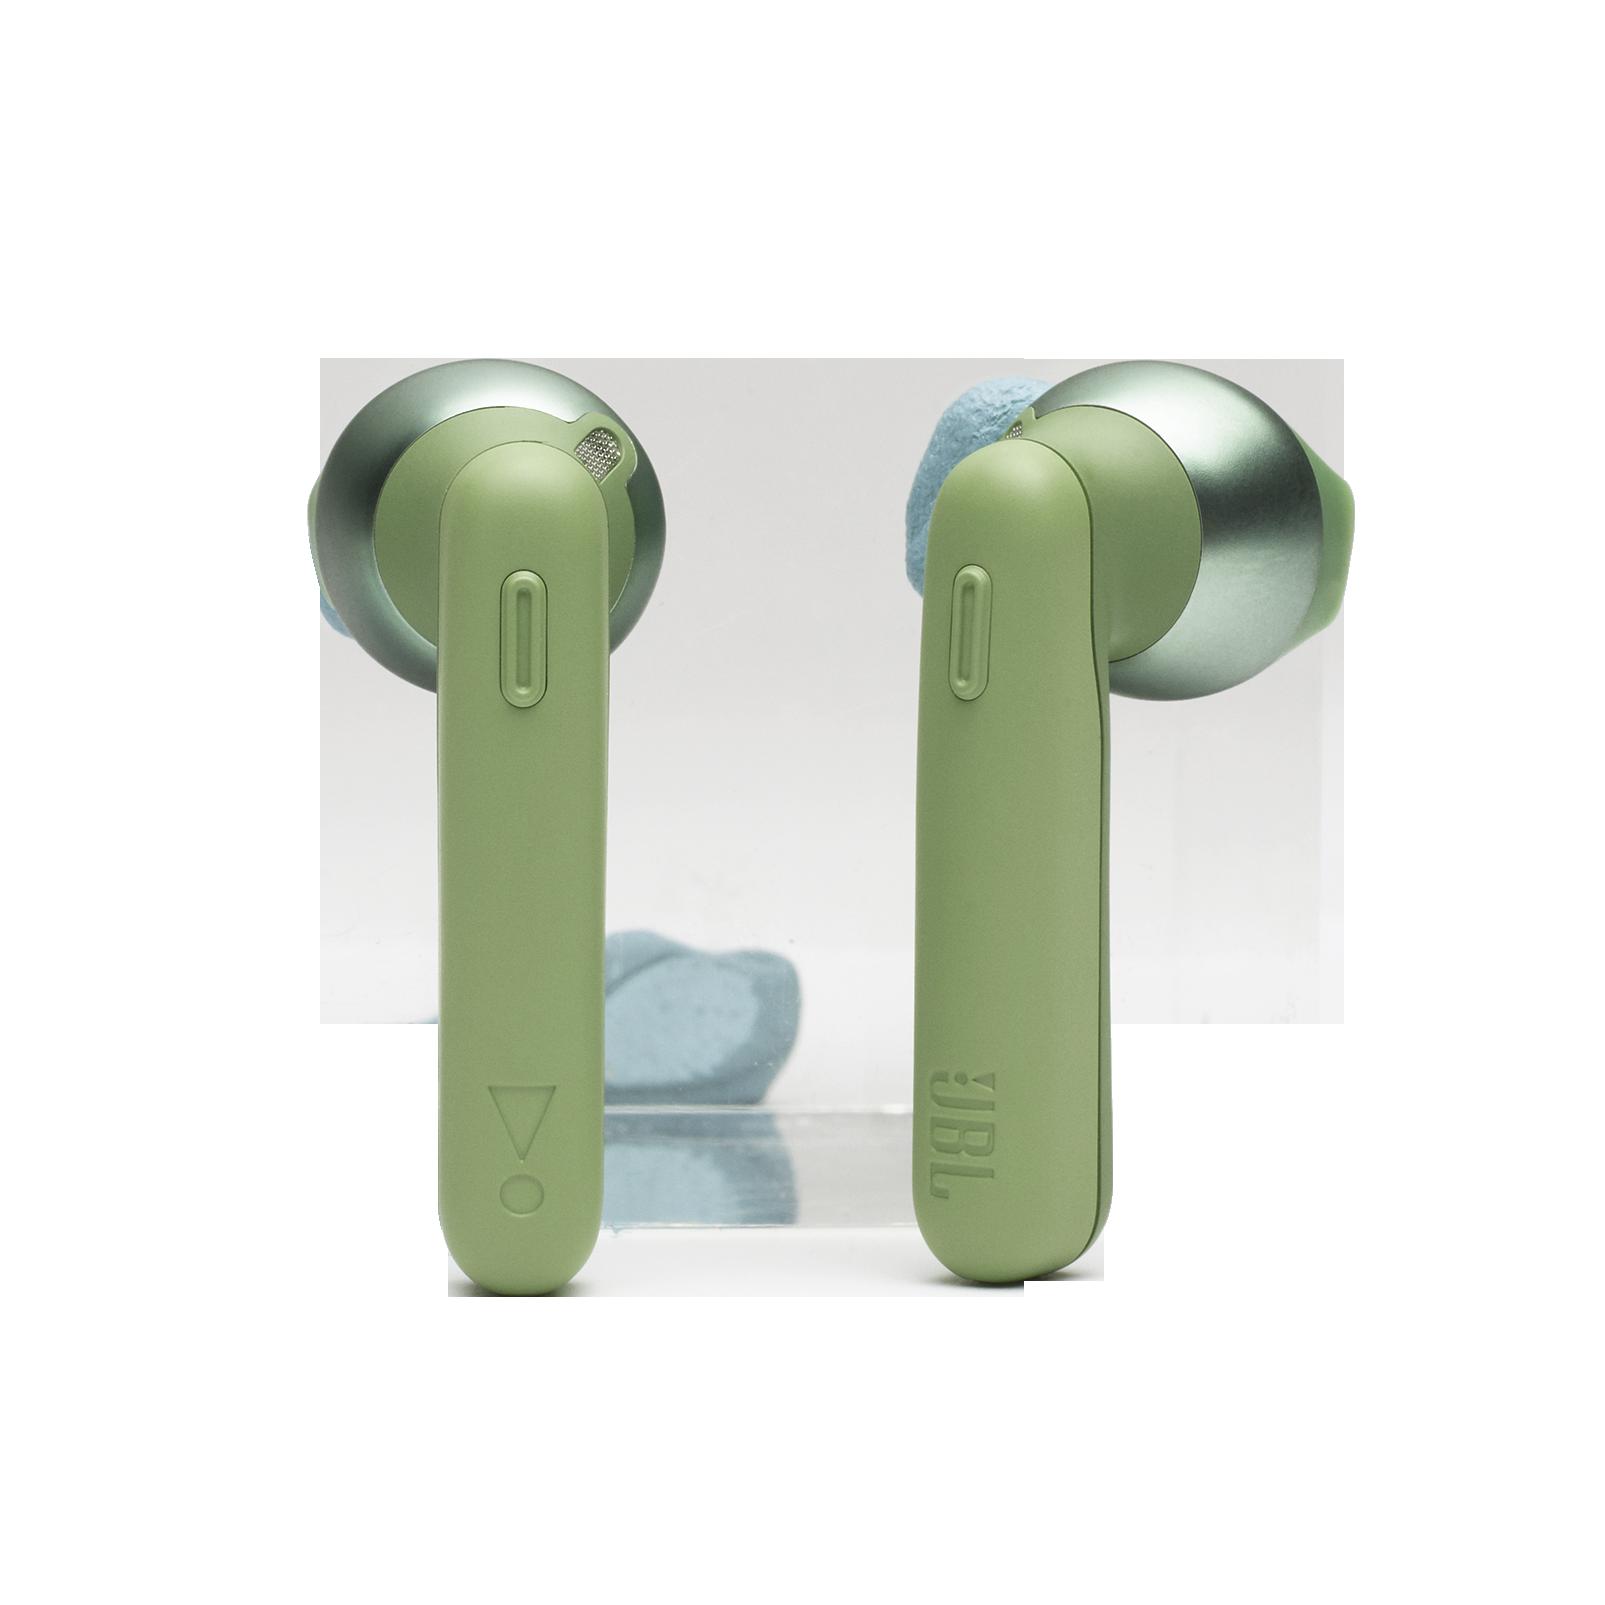 JBL TUNE 220TWS - Green - True wireless earbuds - Detailshot 1